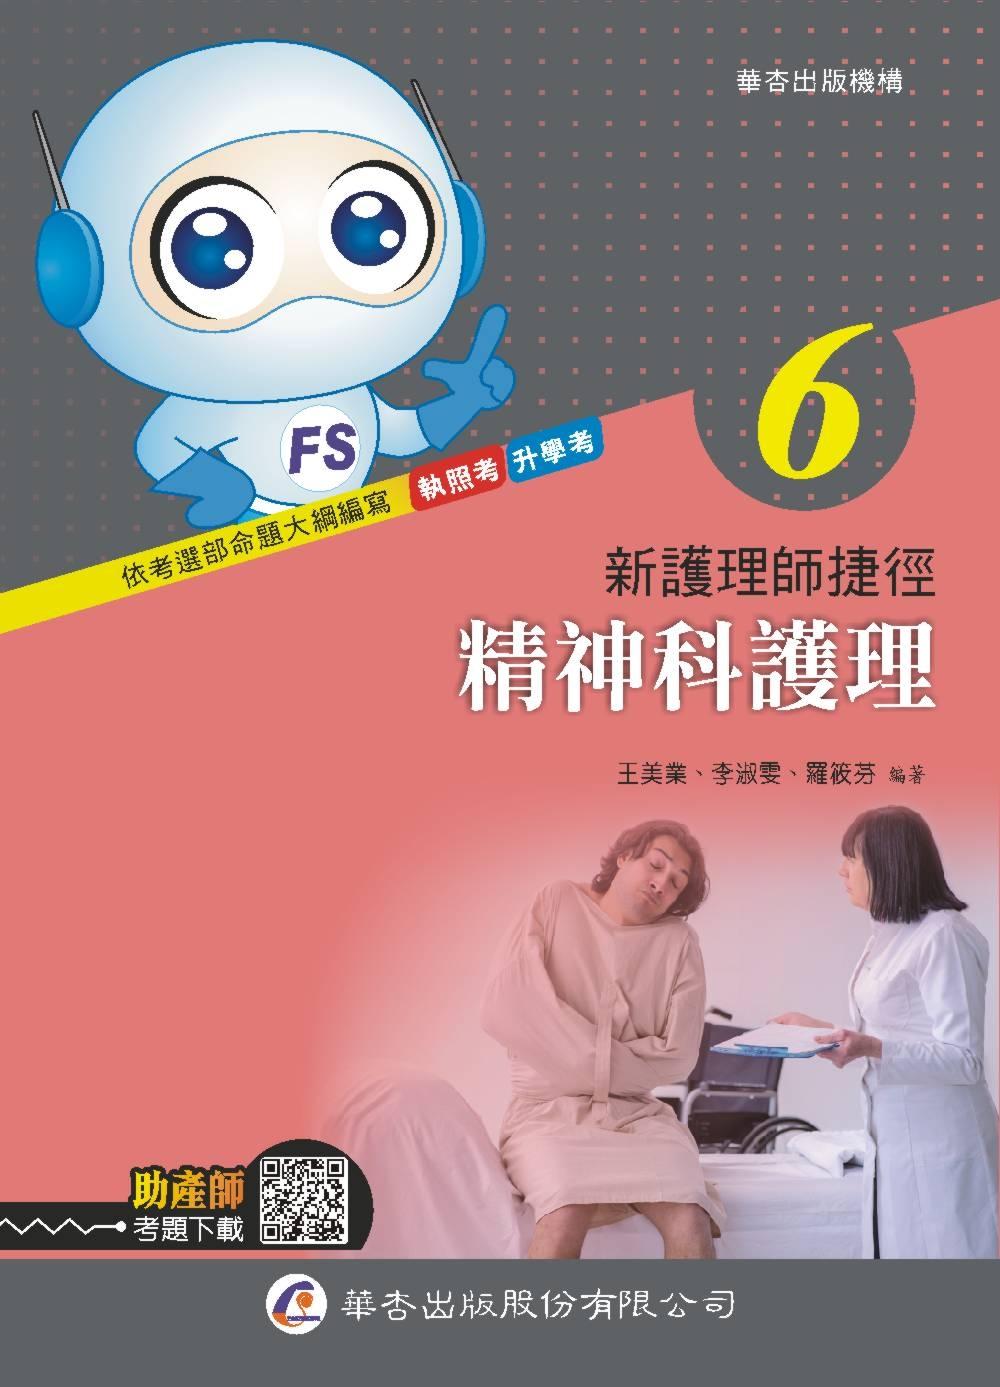 新護理師捷徑(六)精神科護理(19版)